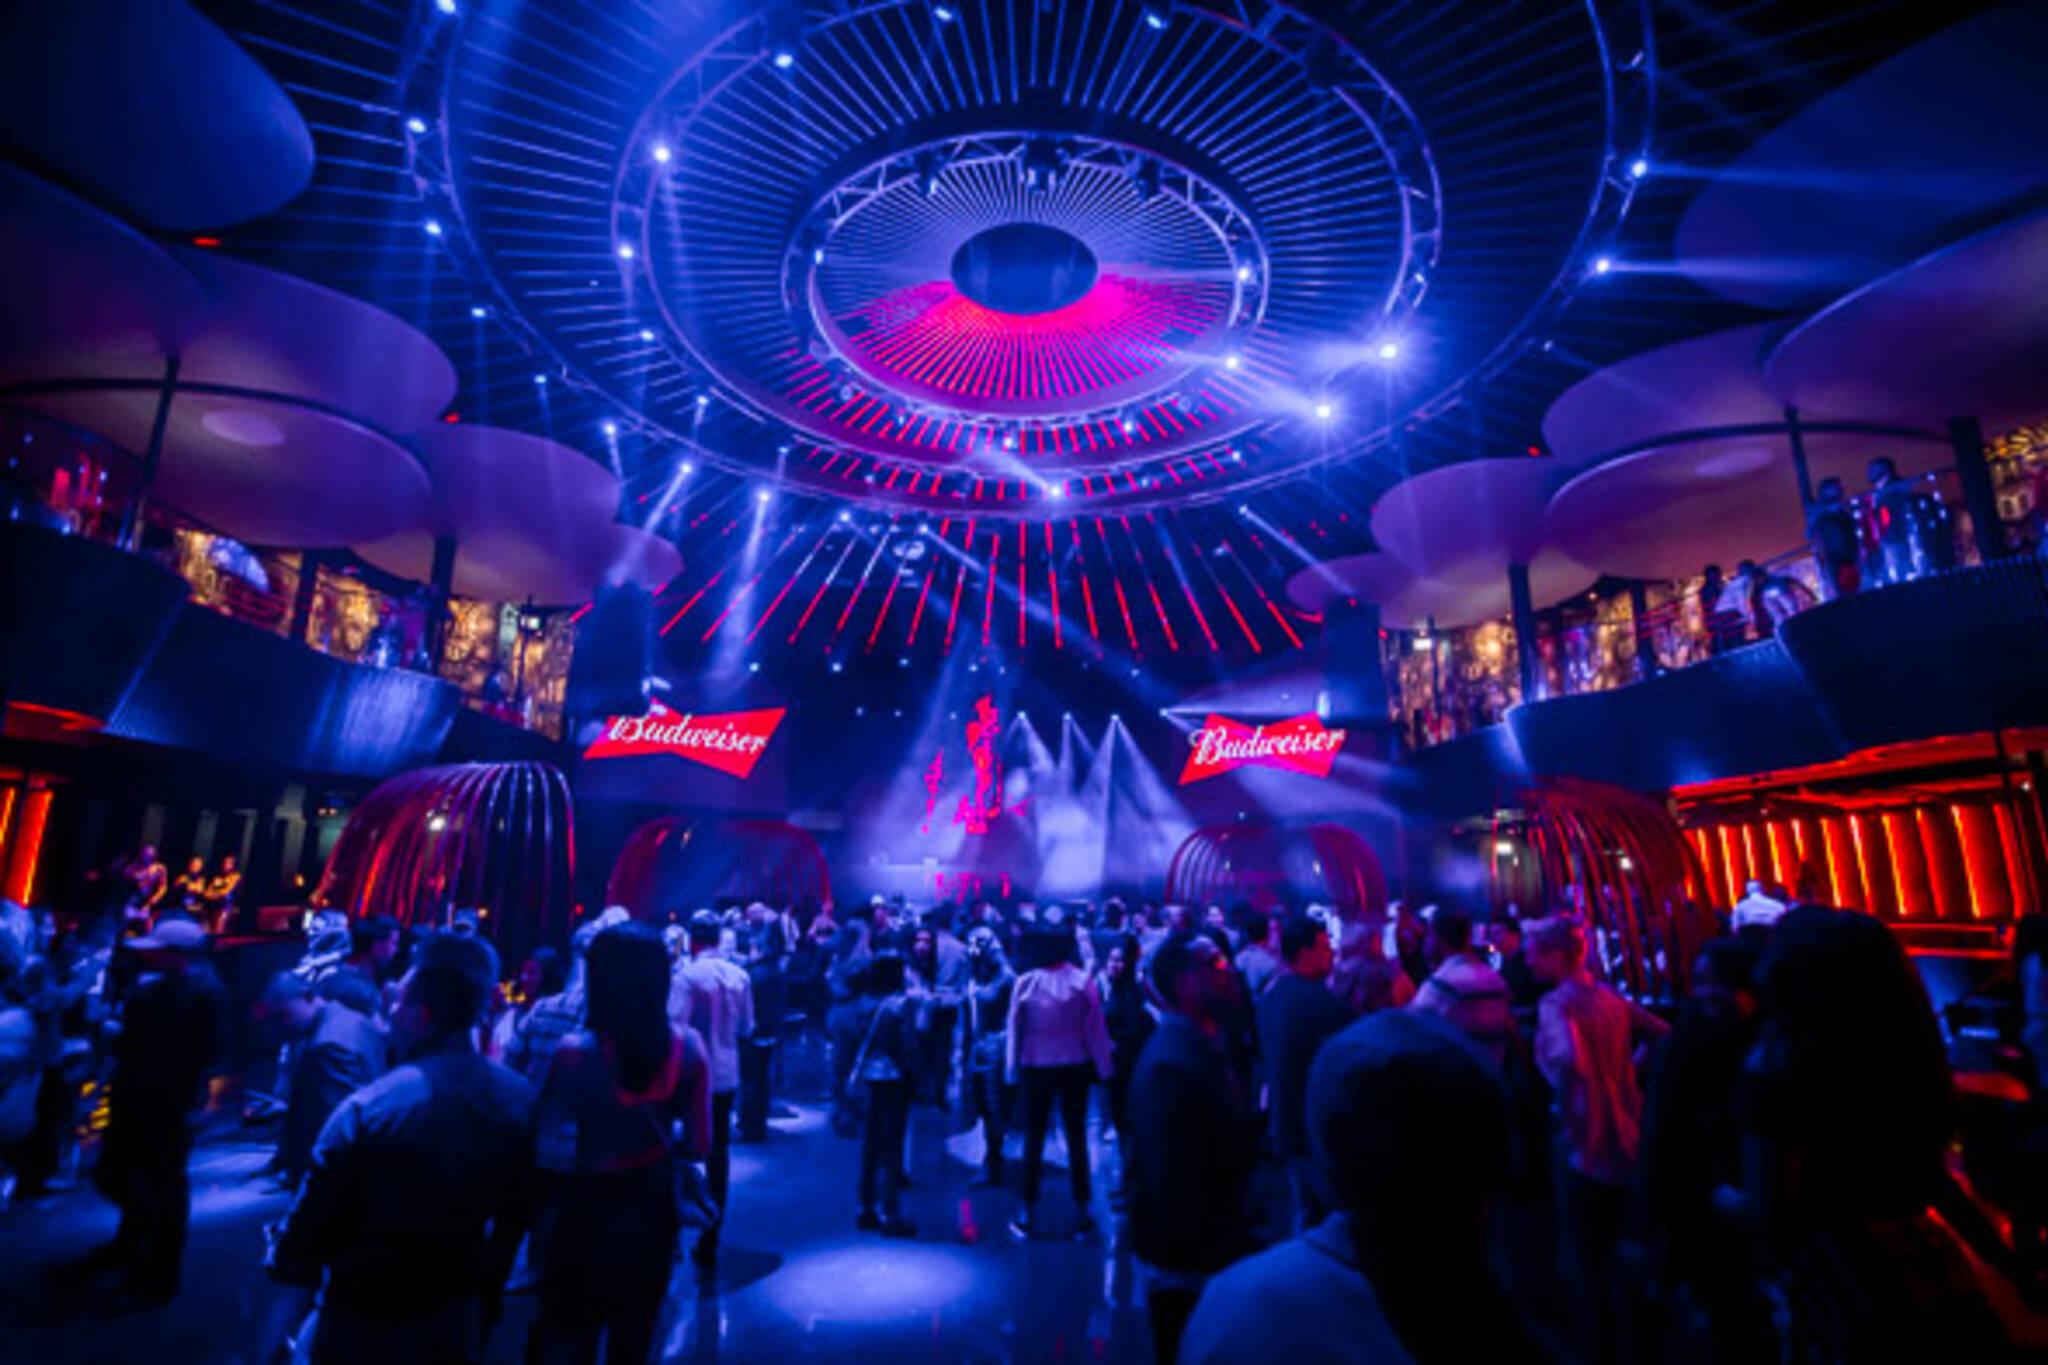 Rebel Toronto music venue club